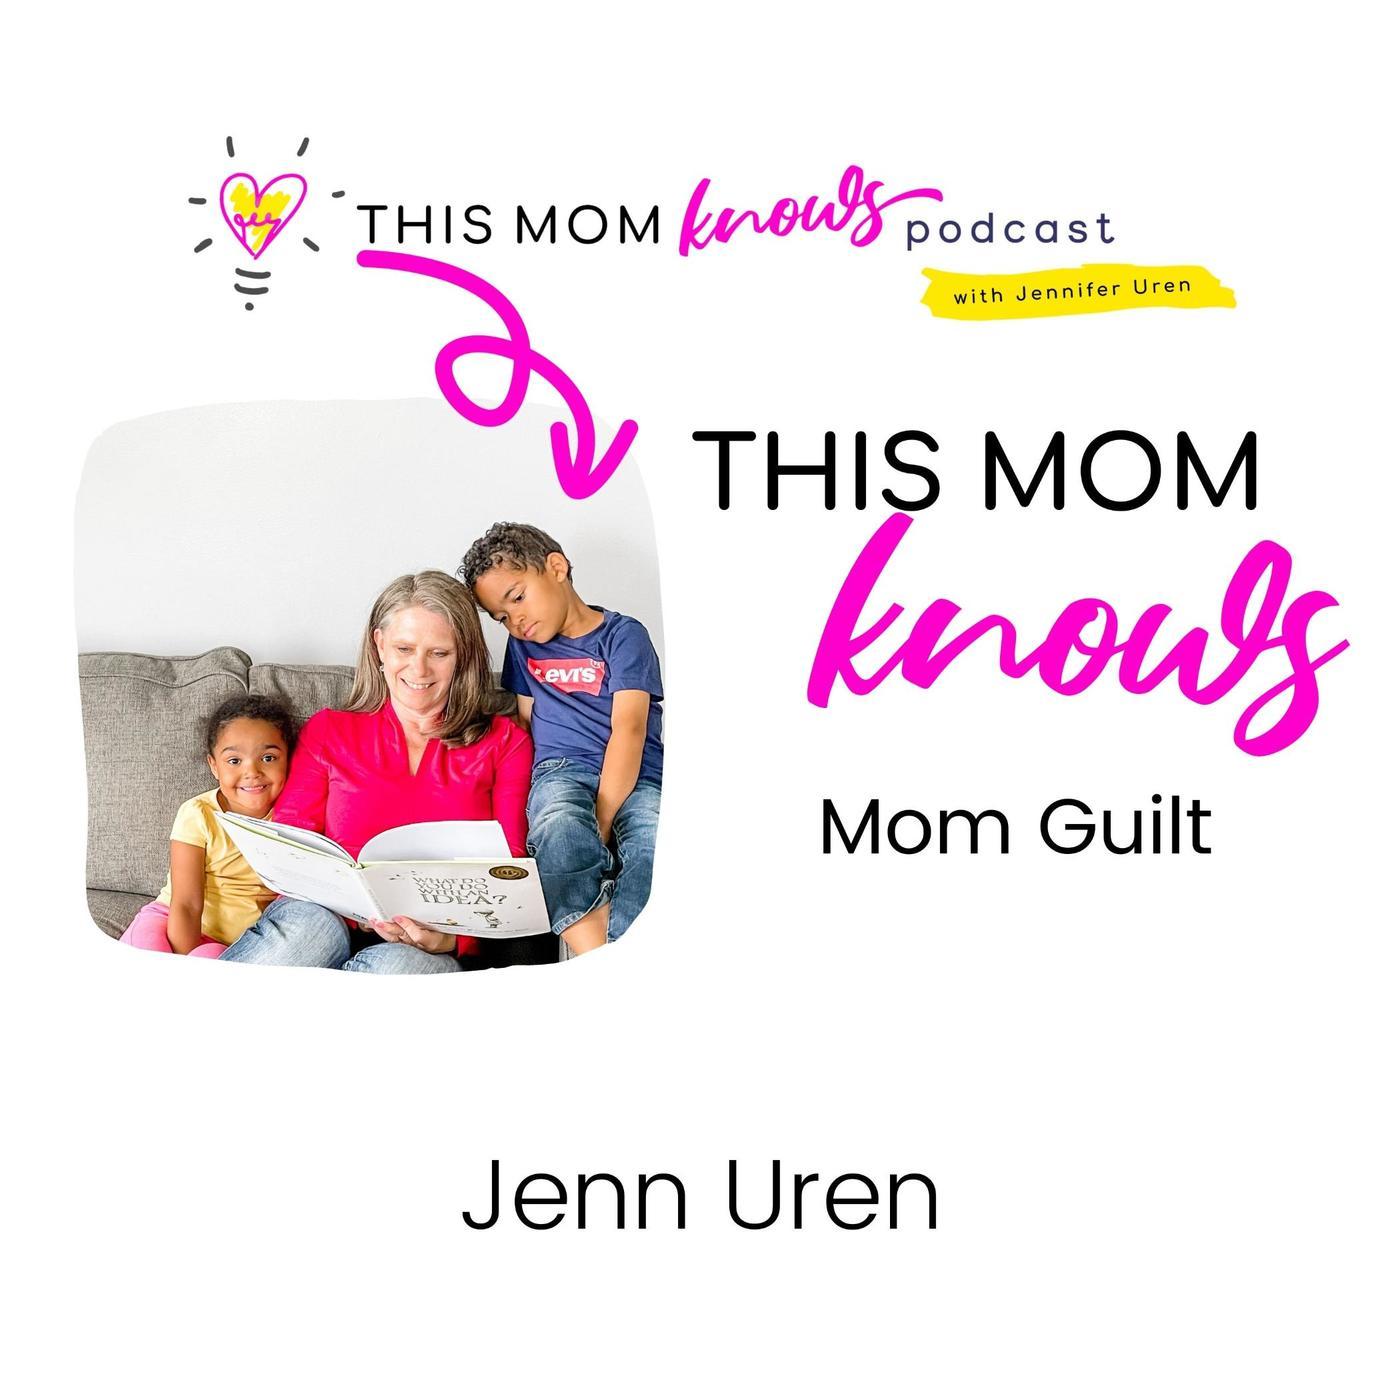 Jenn Uren on Being the Boss of Mom Guilt